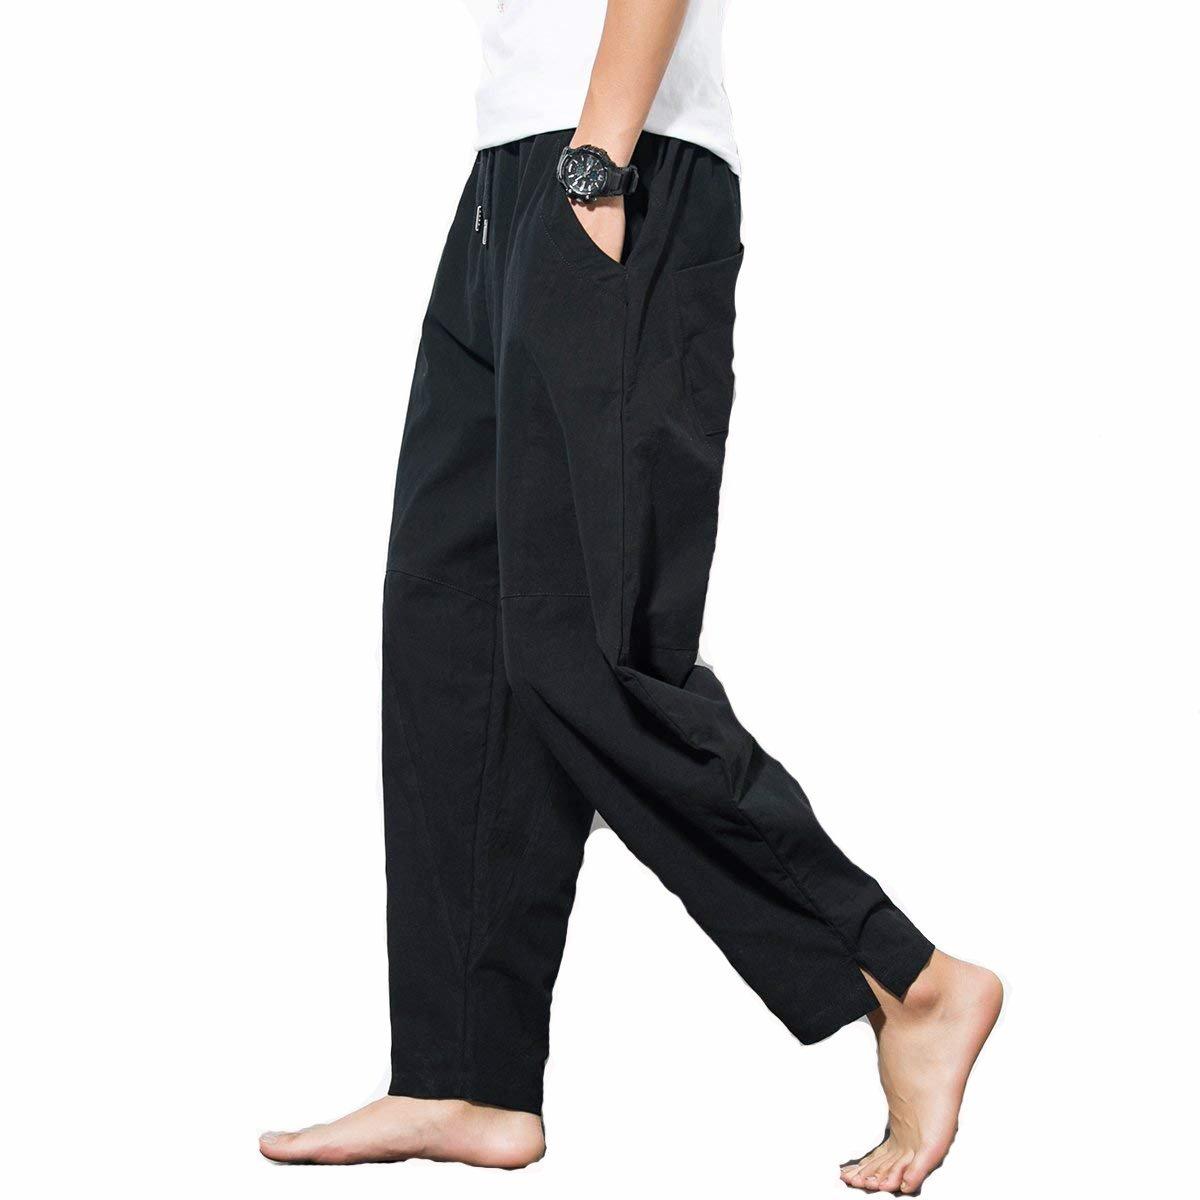 Homme Pantalon en Mélange Coton Lin Coupe Large Décontracté Léger,Homme Confortable Jogging Pantalon En Lin Avec Taille Élastique Homme Été Pantalon Décontracté en Lin Loisir Respirant Pantalon